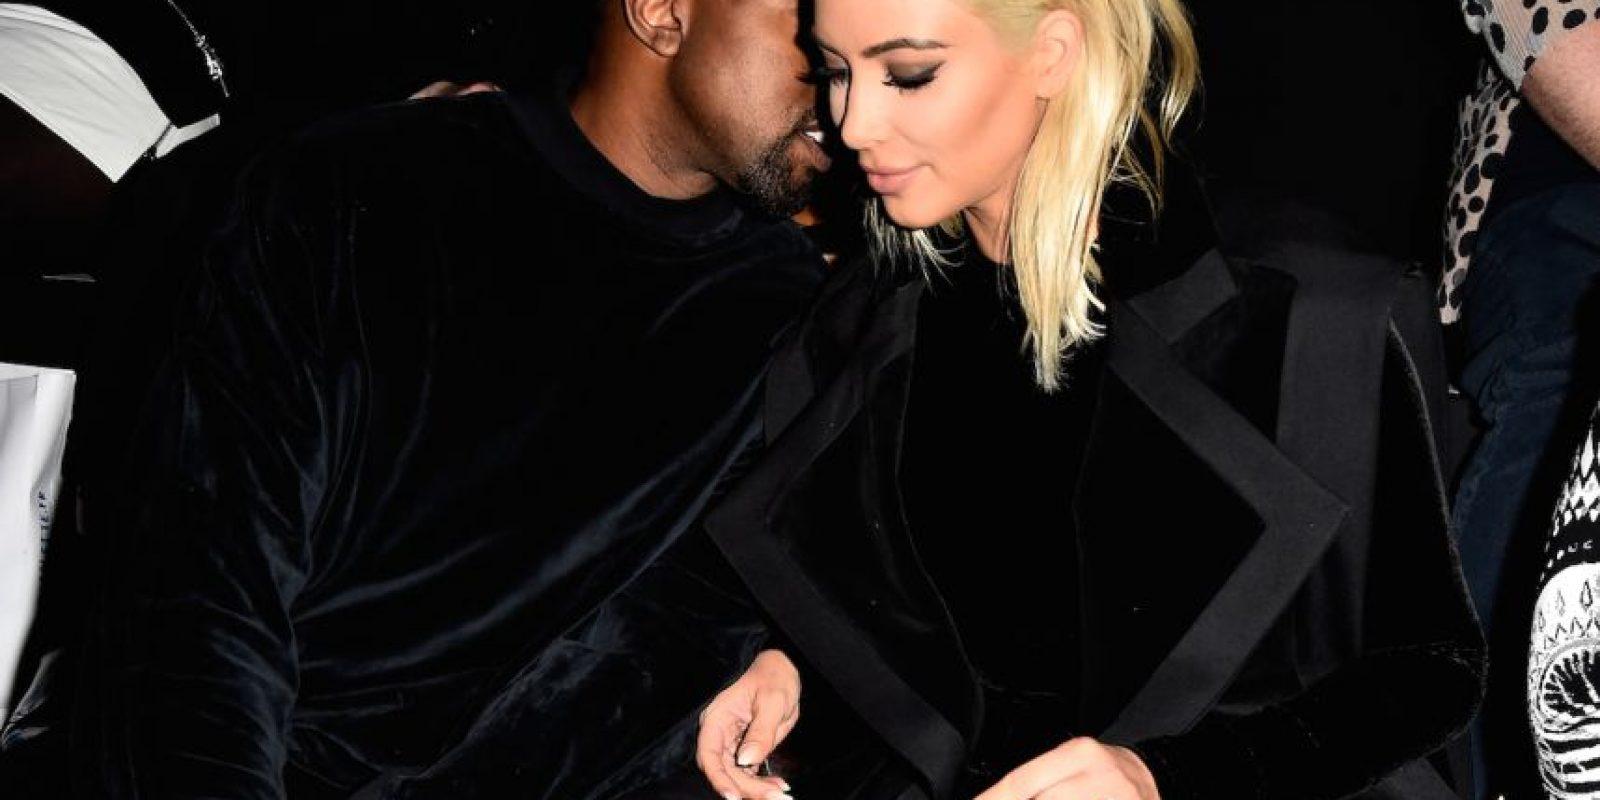 El deseo de Kim se ha intensificado ya que la ha llevado a llamarle a su esposo para tener sexo en cualquier momento. Foto:Getty